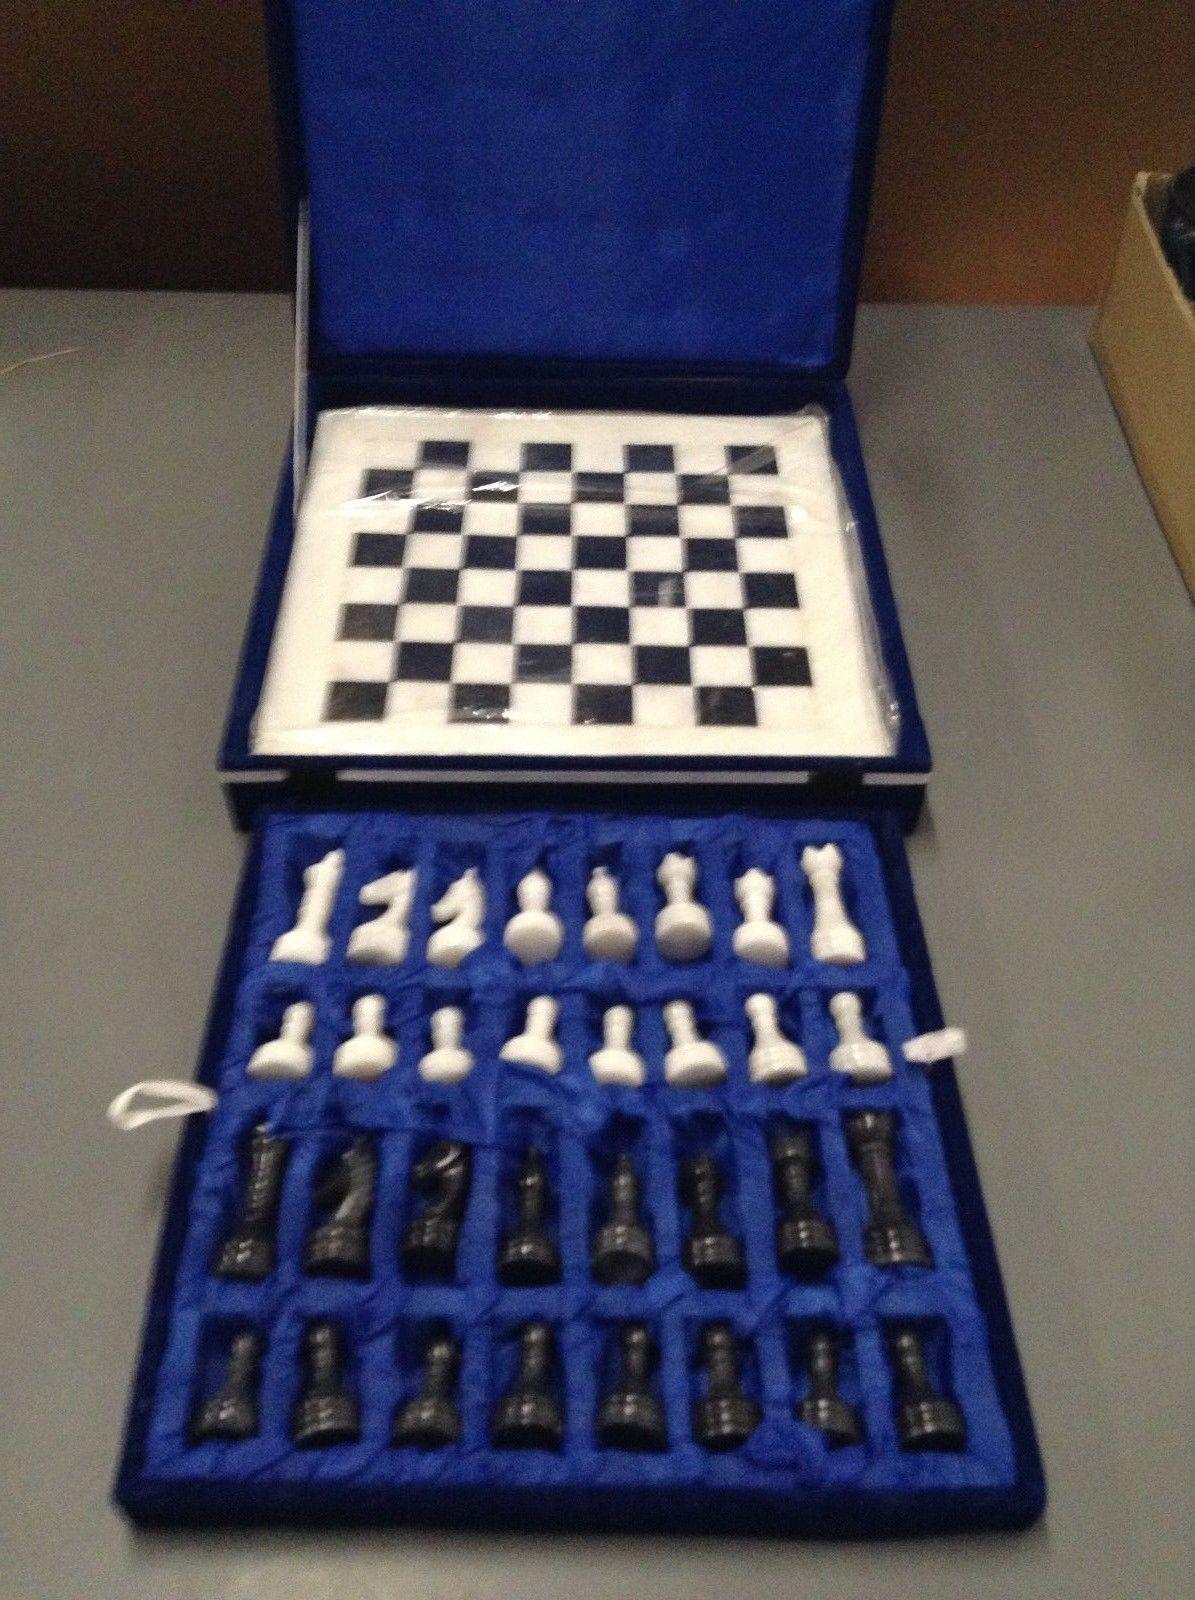 NEW - RADICALn Handmade Black and White Onyx Chess Board Game